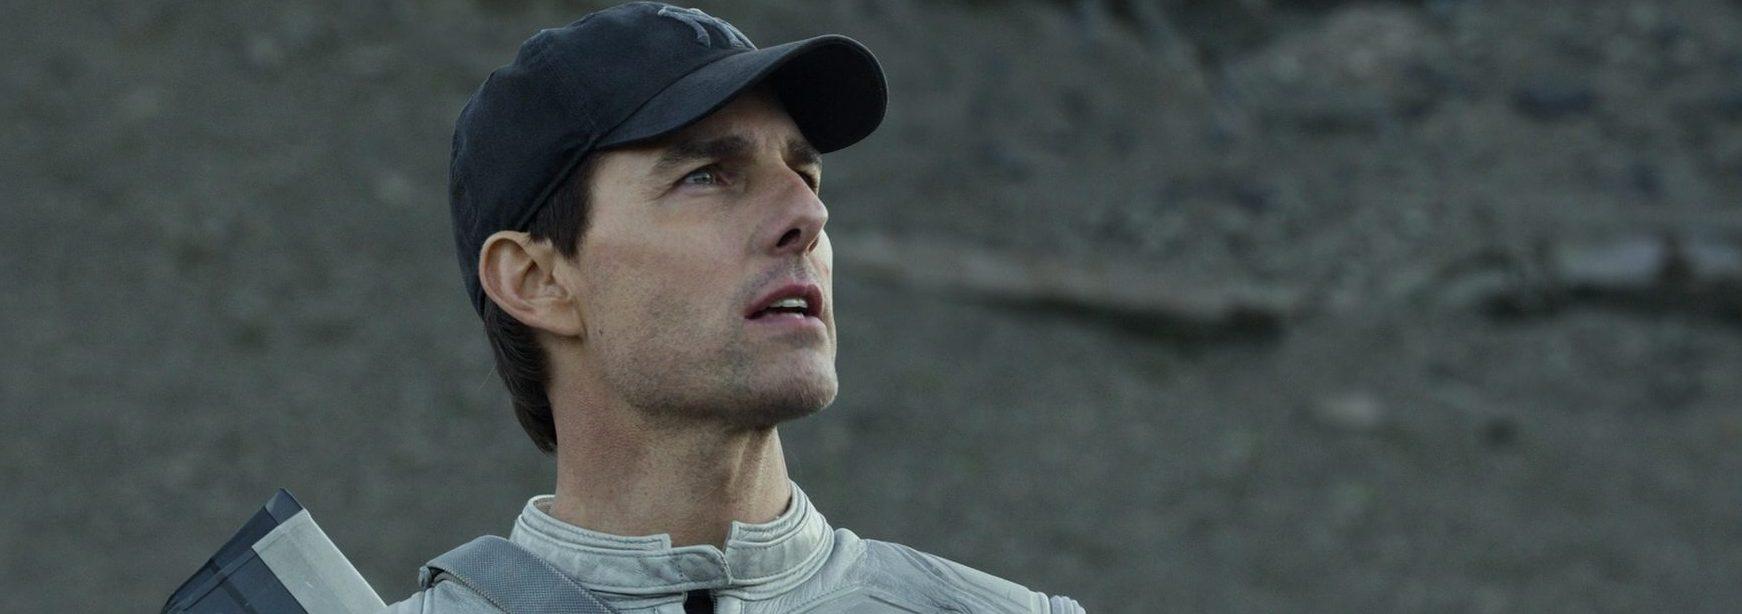 Gallery Updates: Oblivion Blu-Ray Screen Captures